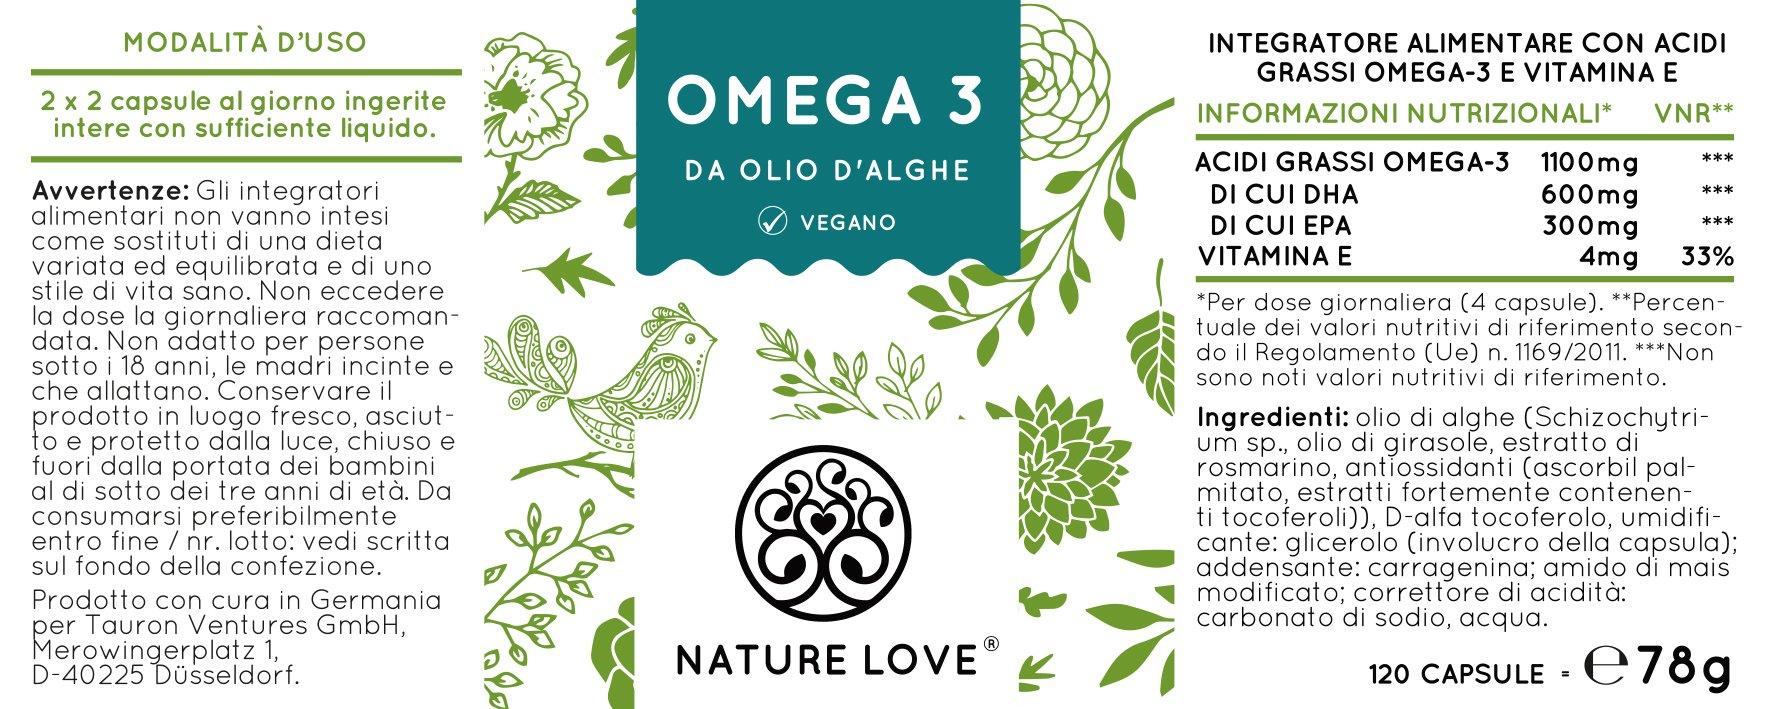 Omega 3 capsule di olio di alghe – qualità premium: integratore alimentare di Omega3 da Olio di Alghe Puro. Senza Olio di Pesce. 120 capsule di piccole dimensioni, facili da deglutire. Contengono acidi grassi essenziali EPA e DHA. Vegan, al